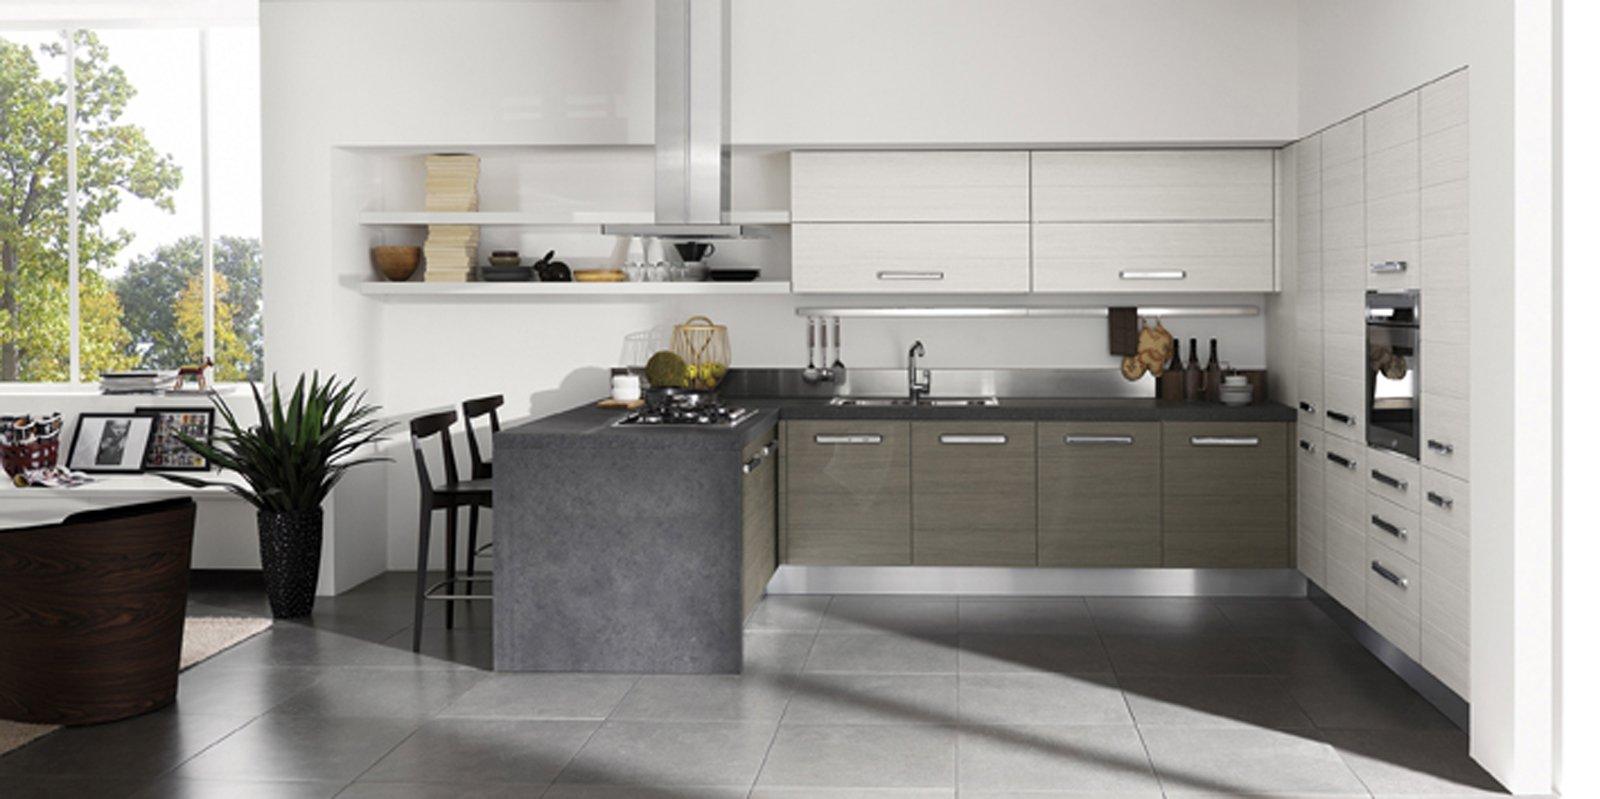 Cucine con penisola cose di casa for Cucine moderne con penisola